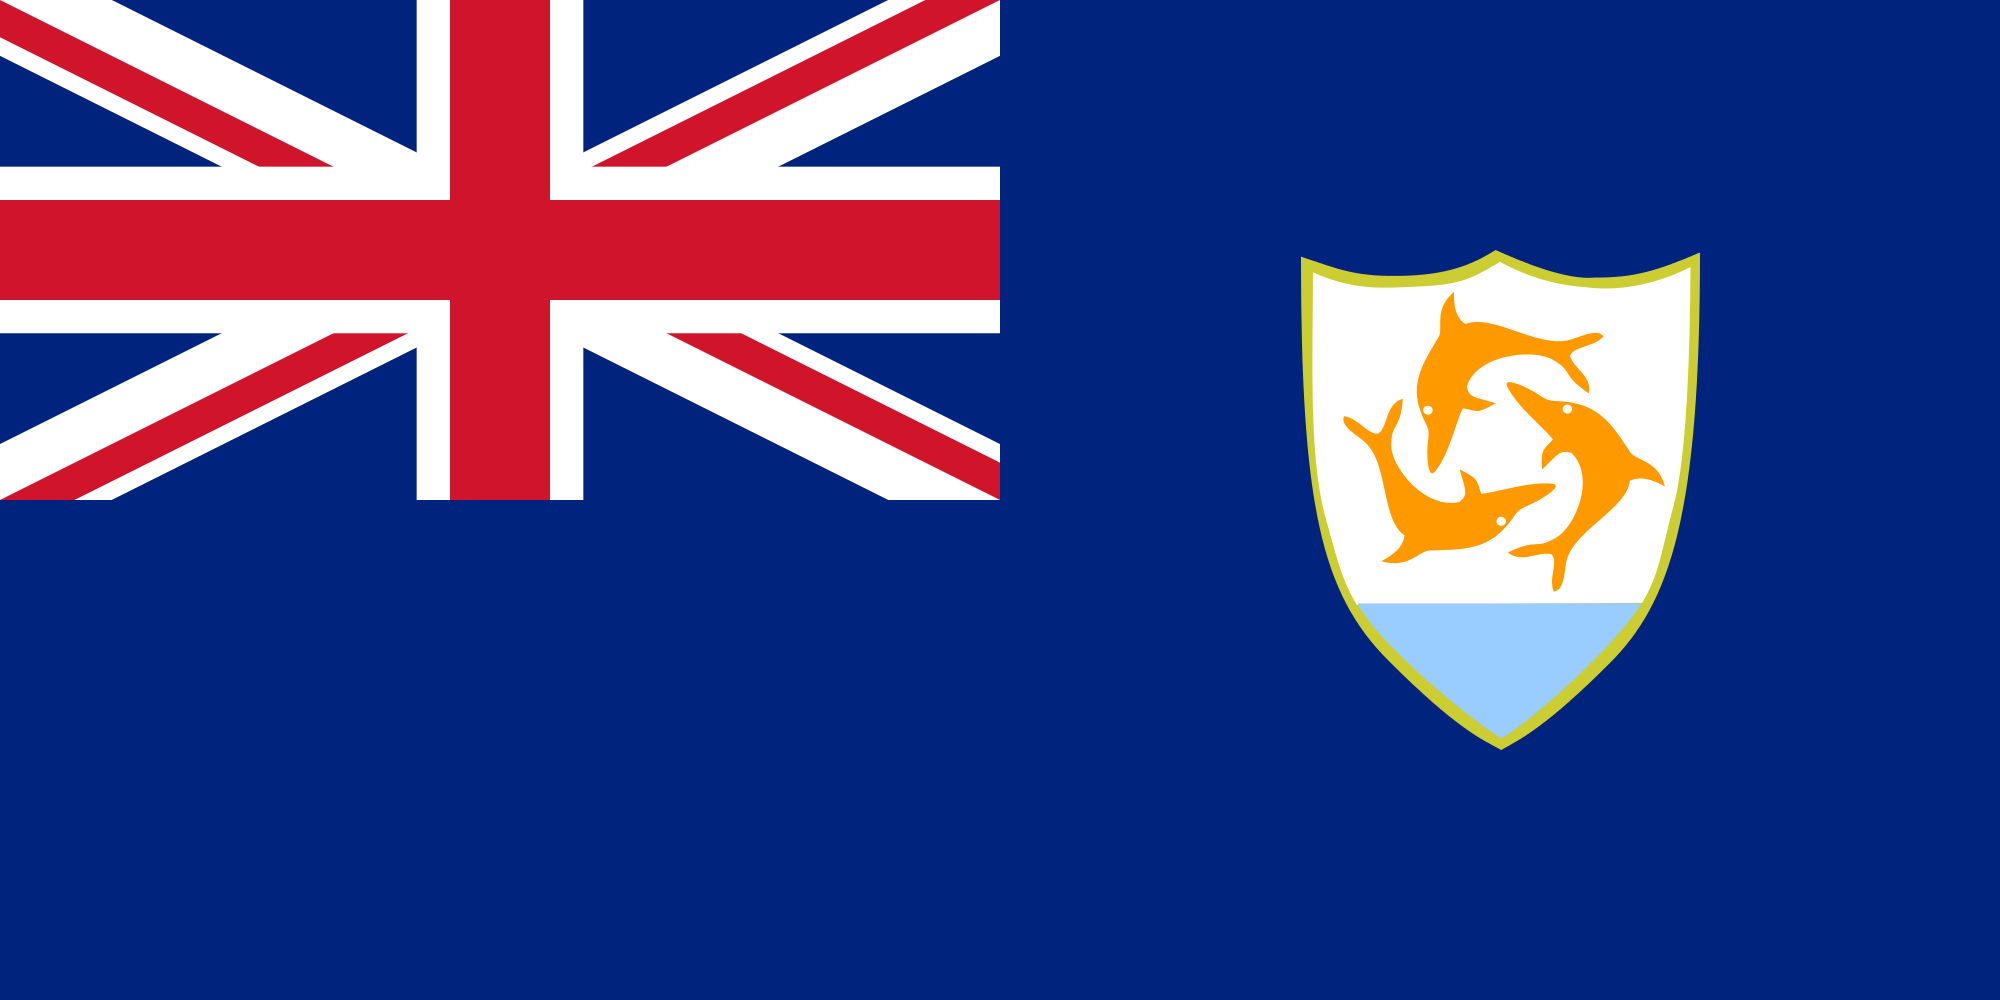 ثعبان البحر, البلد, emblema, شعار, الرمز - خلفيات عالية الدقة - أستاذ falken.com